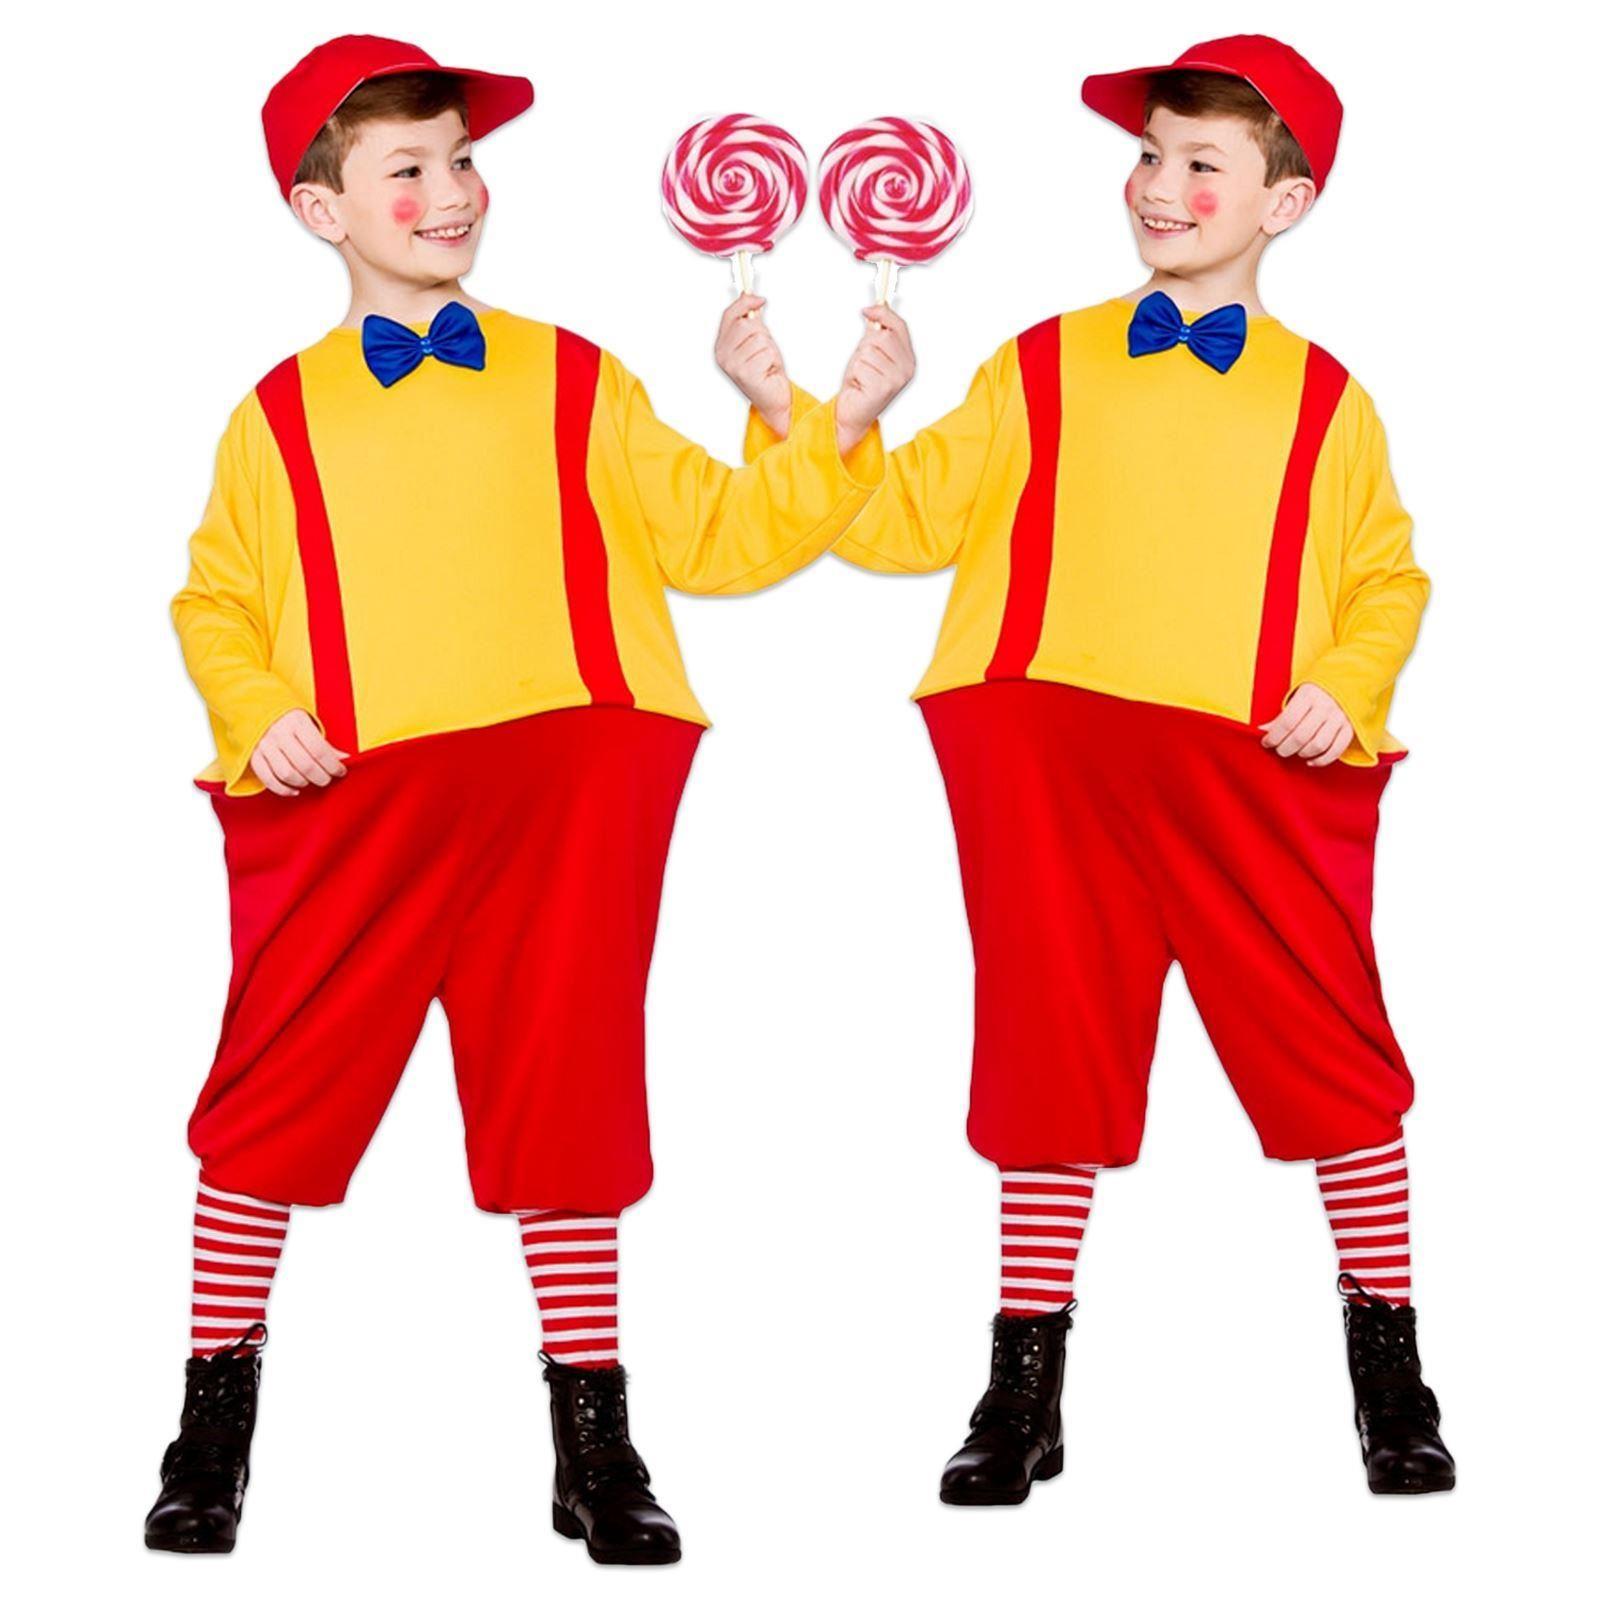 Kids childs tweedle dee dum story book week twins fancy - Disfraces para gemelos ...